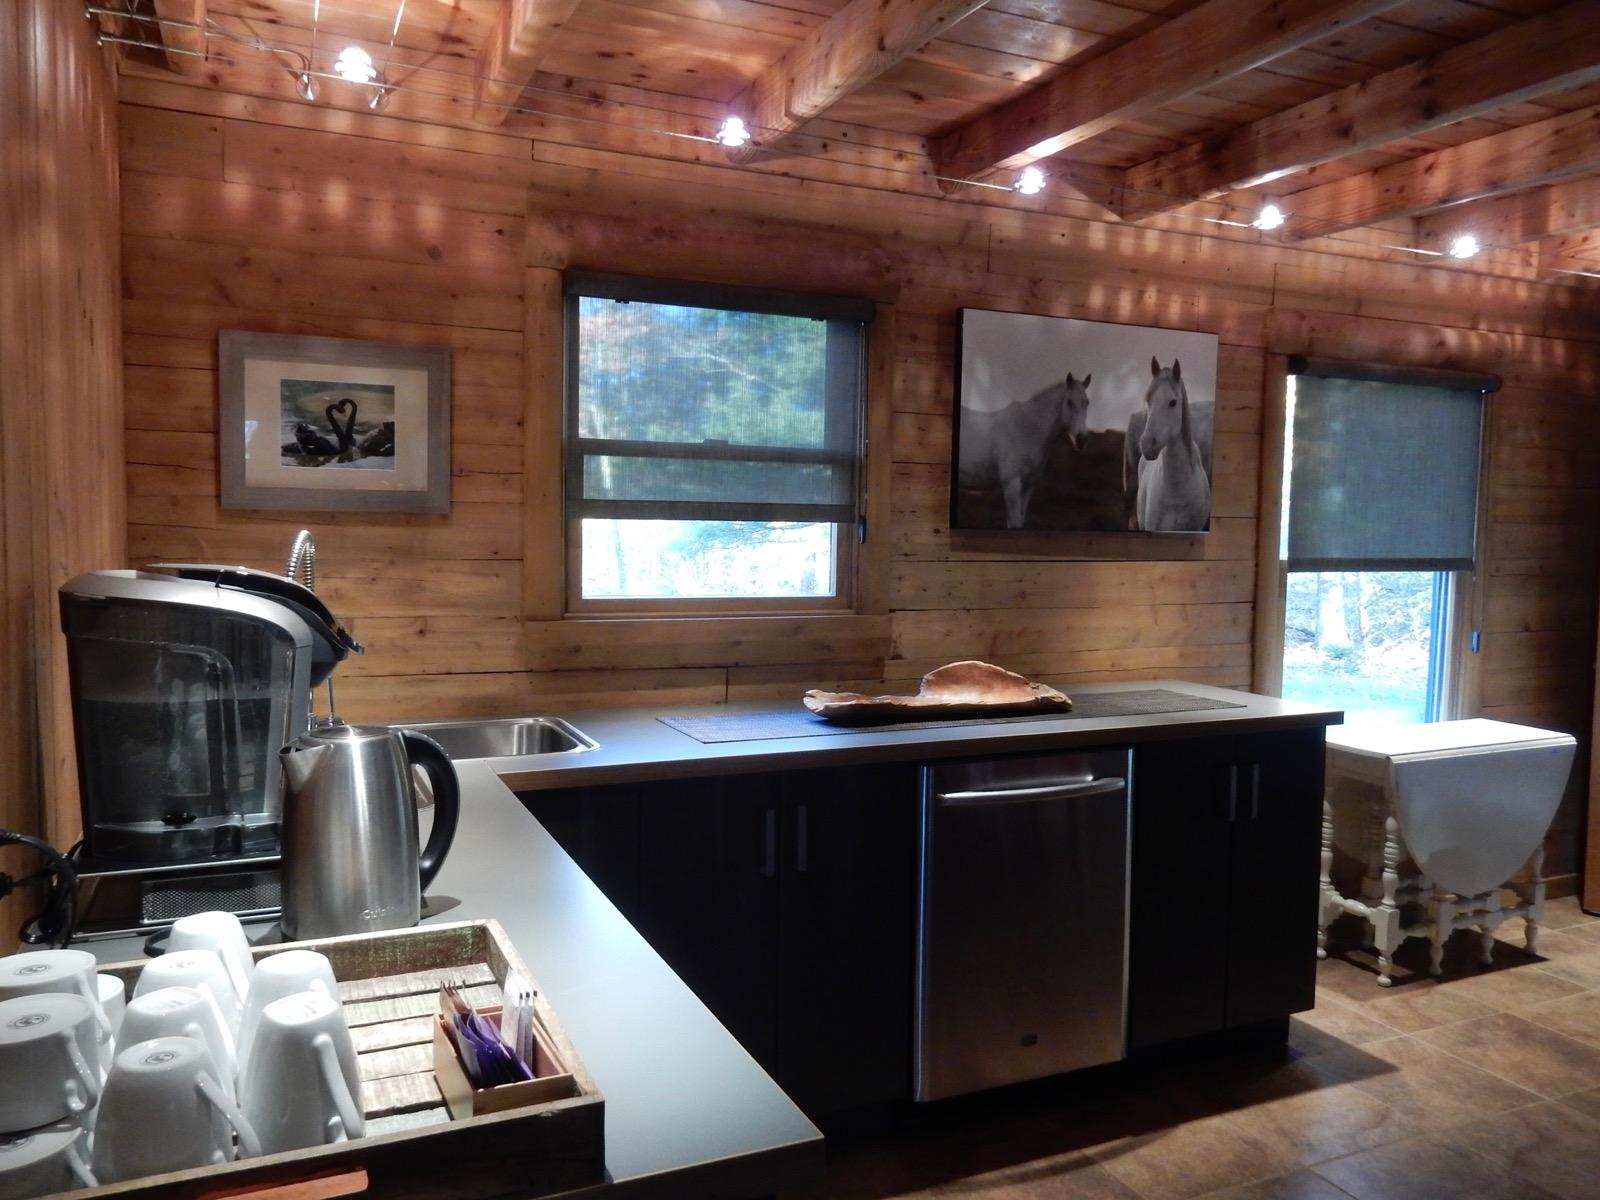 Kitchen Deli Ct Design. Deli Design Ideas, Deli Layout Plans ...